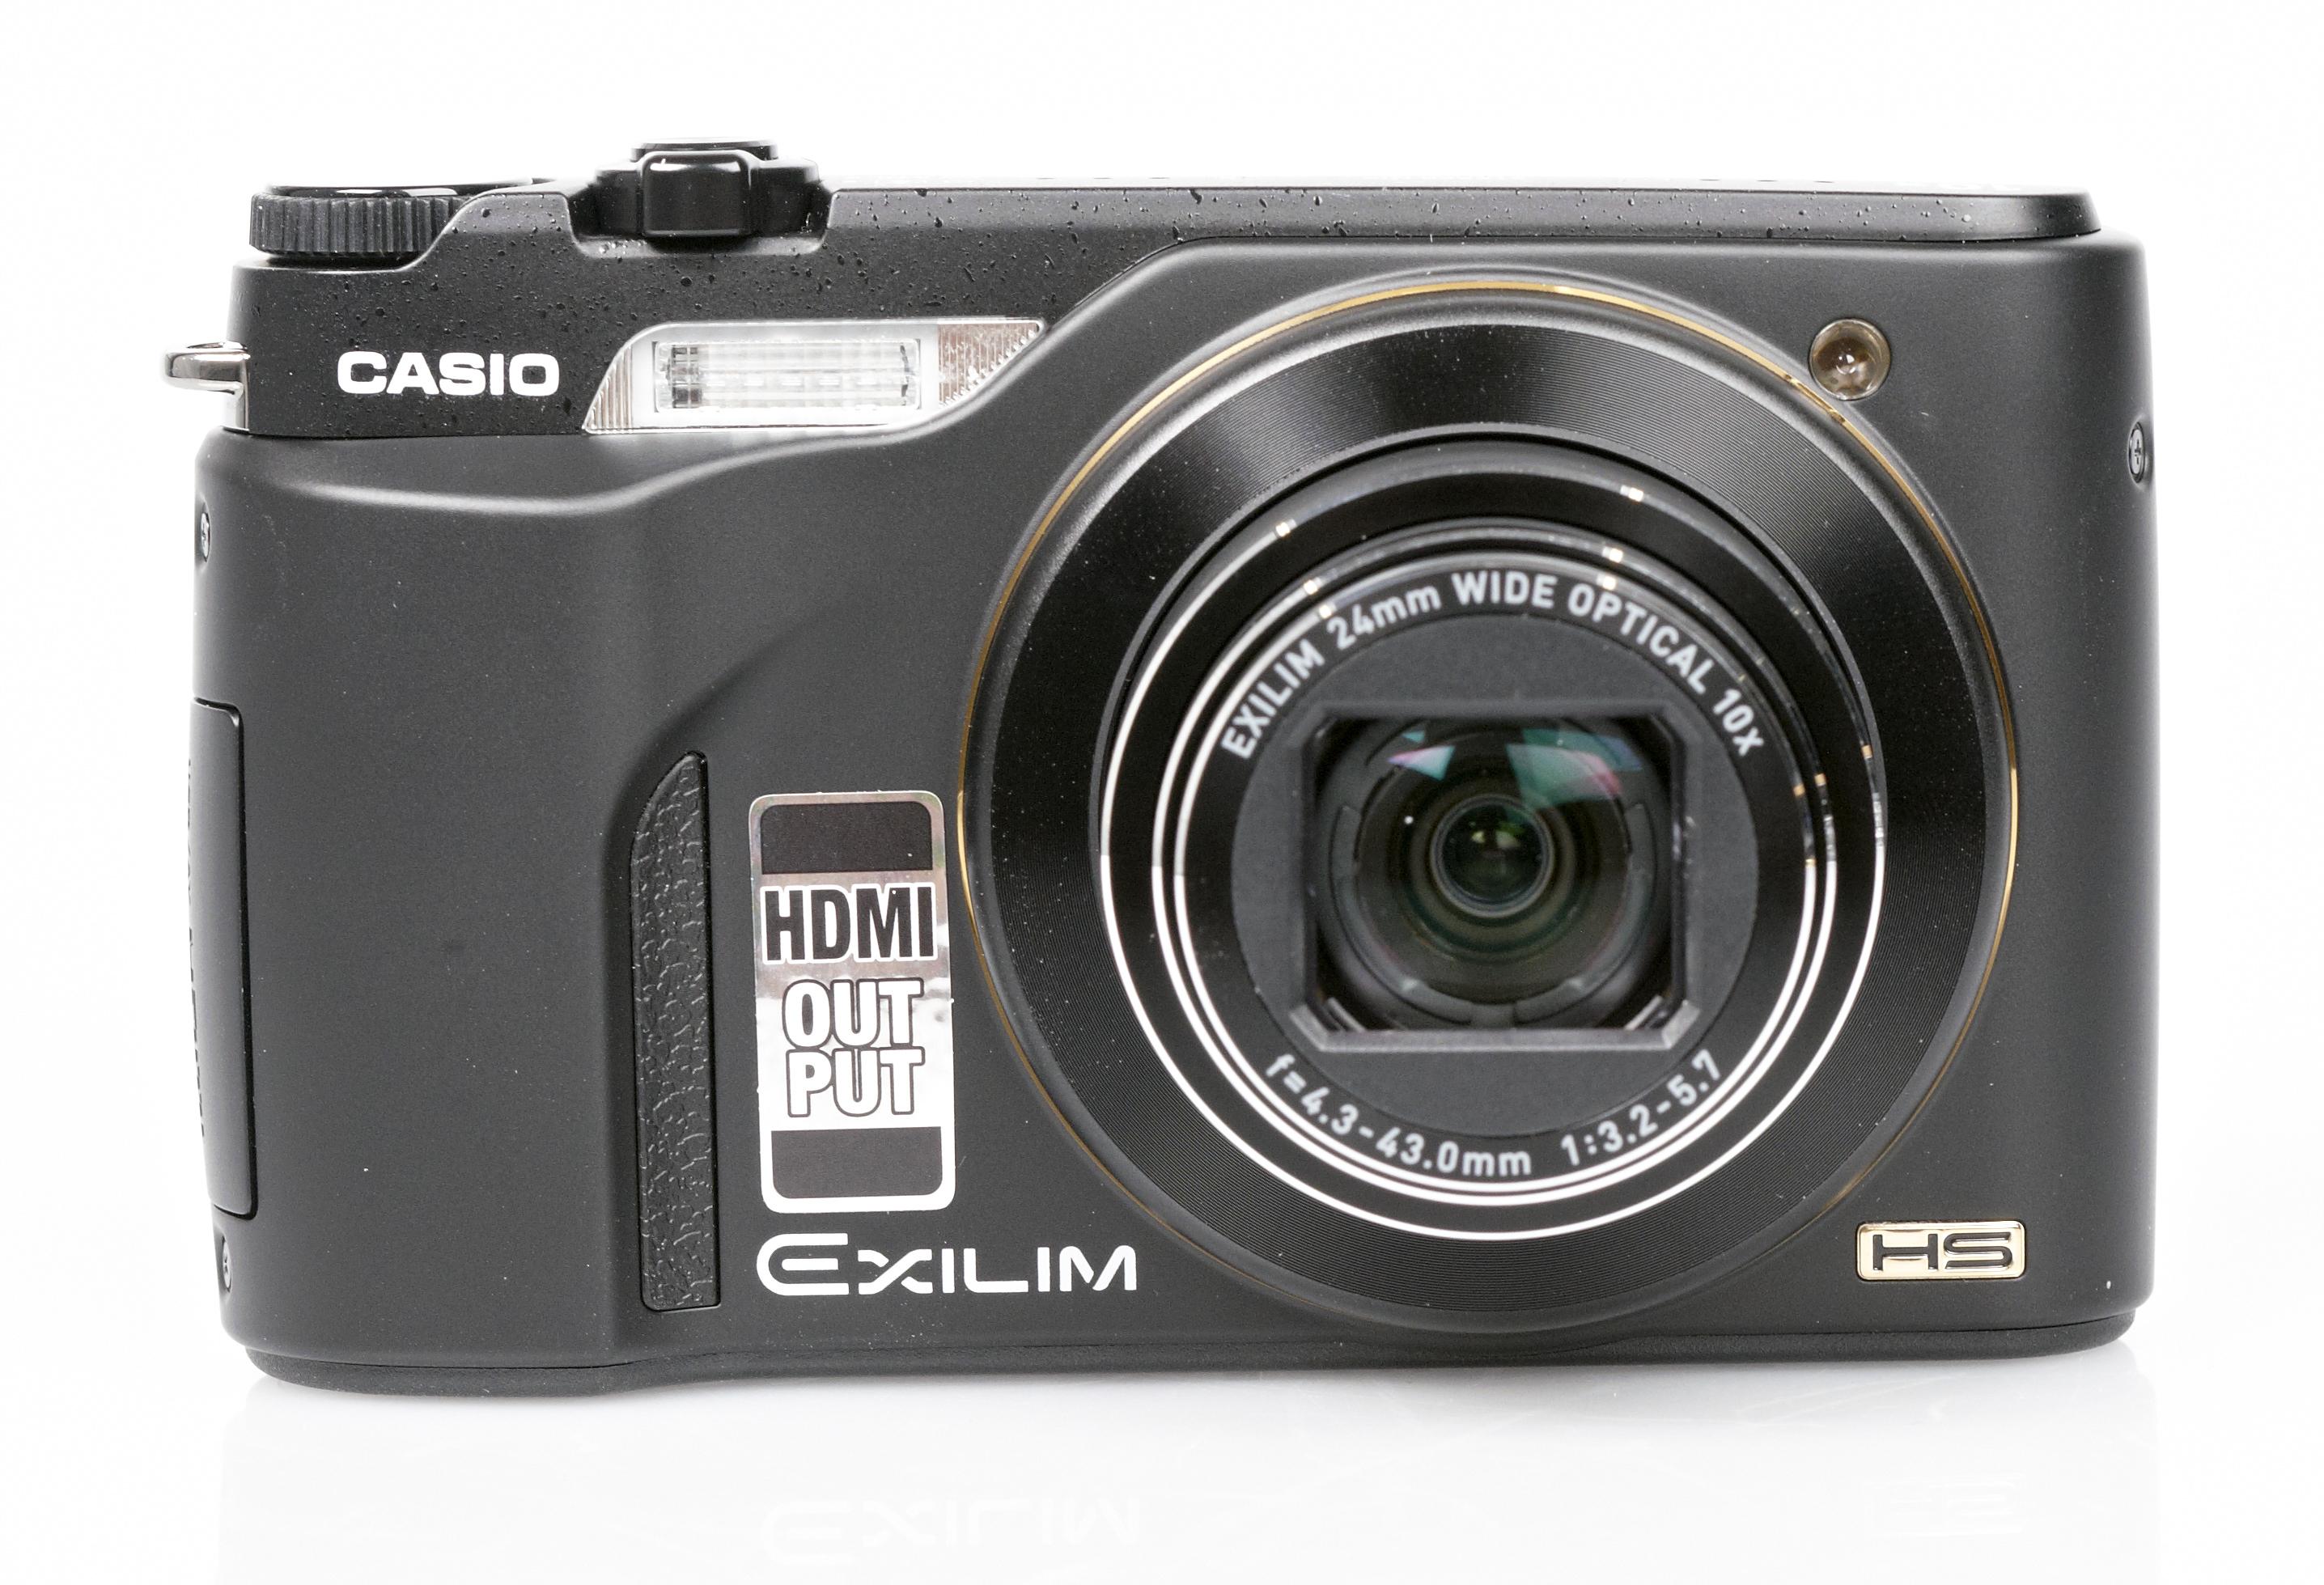 Casio exilim ex-zs5 vs ex-zs10 digital compact camera review.